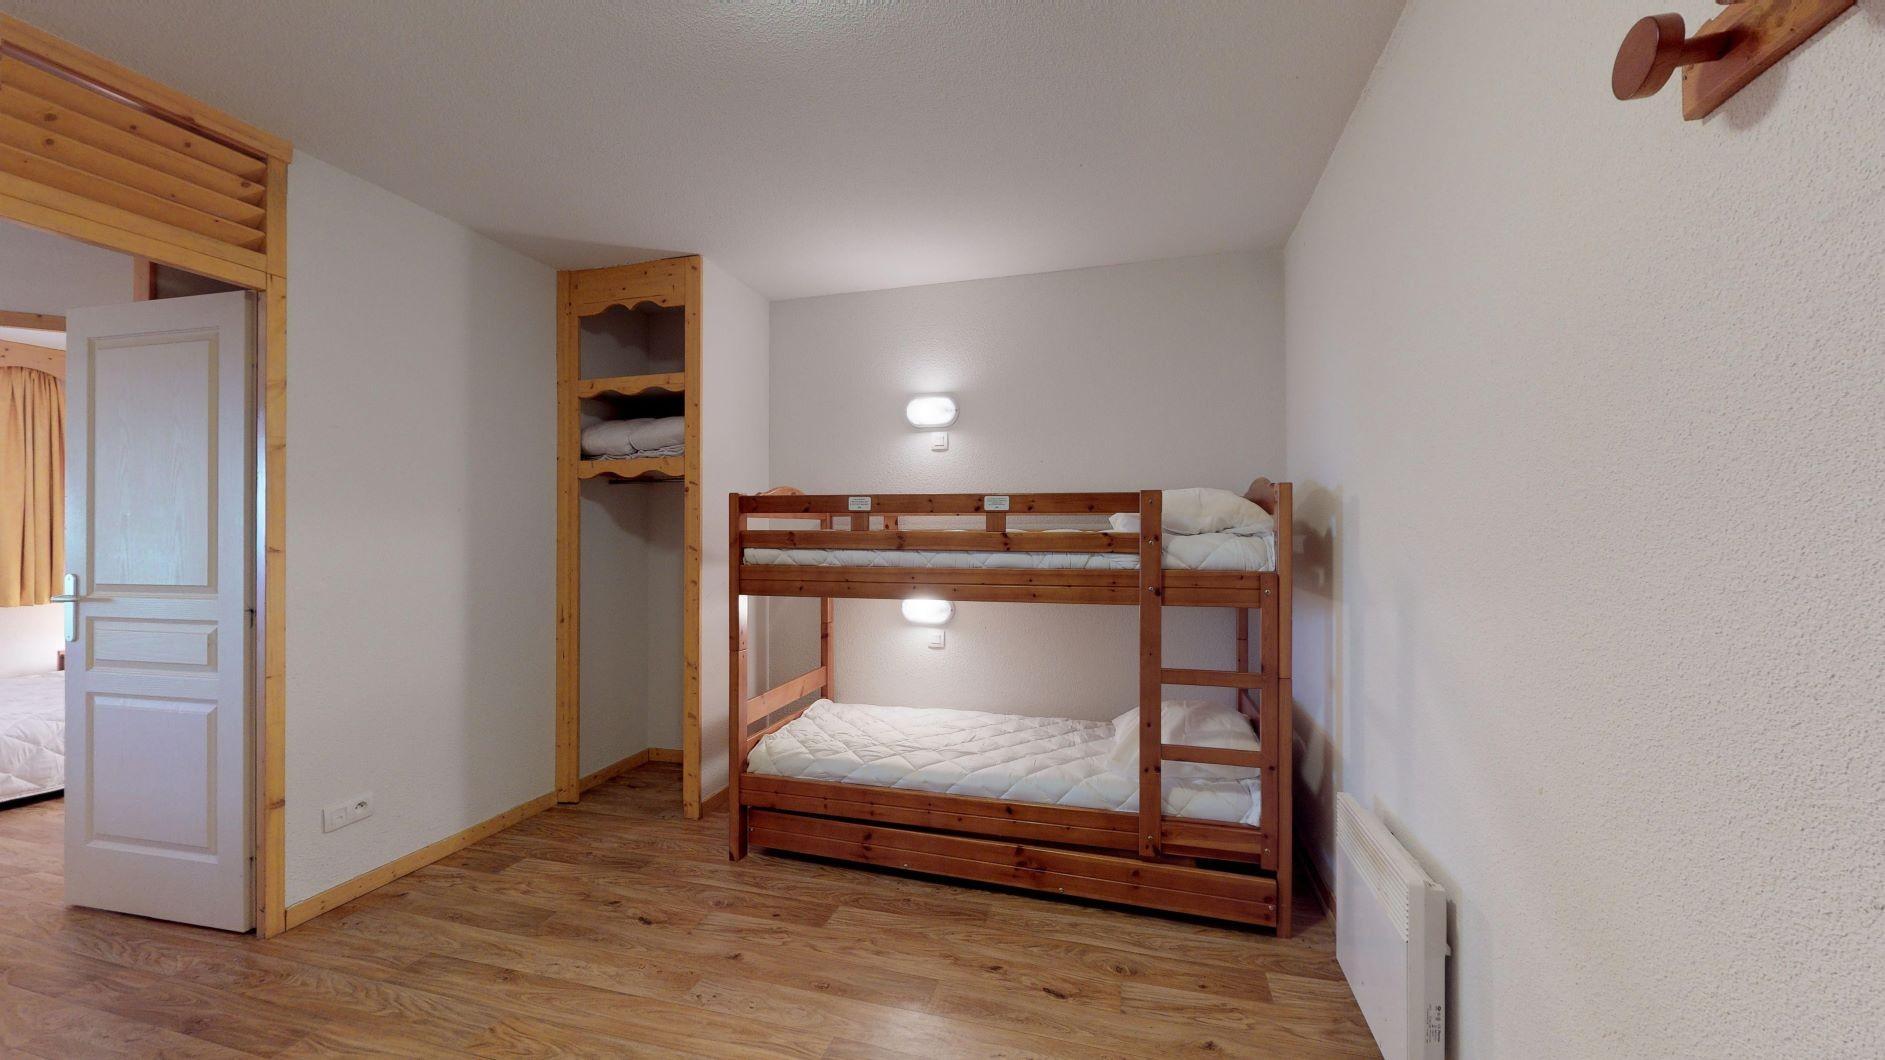 alpvision-residences-chamrousse-6-12162019-131715-1225863